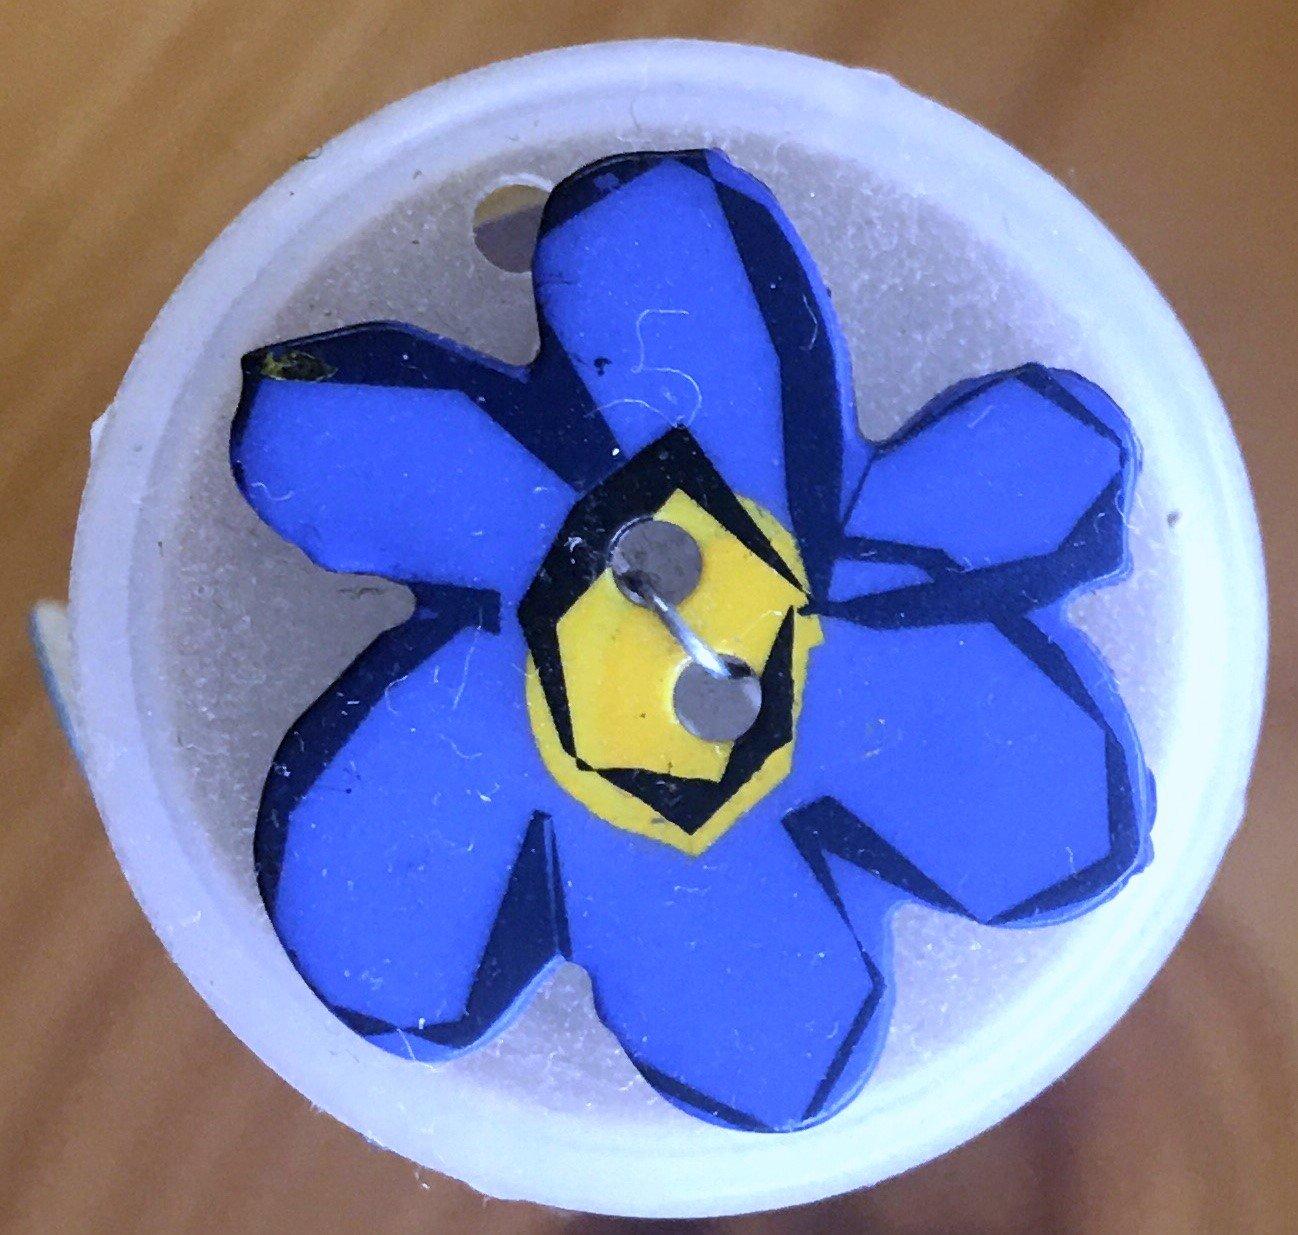 280836, Dill Buttons 20 mm Flower Blue (7/8)